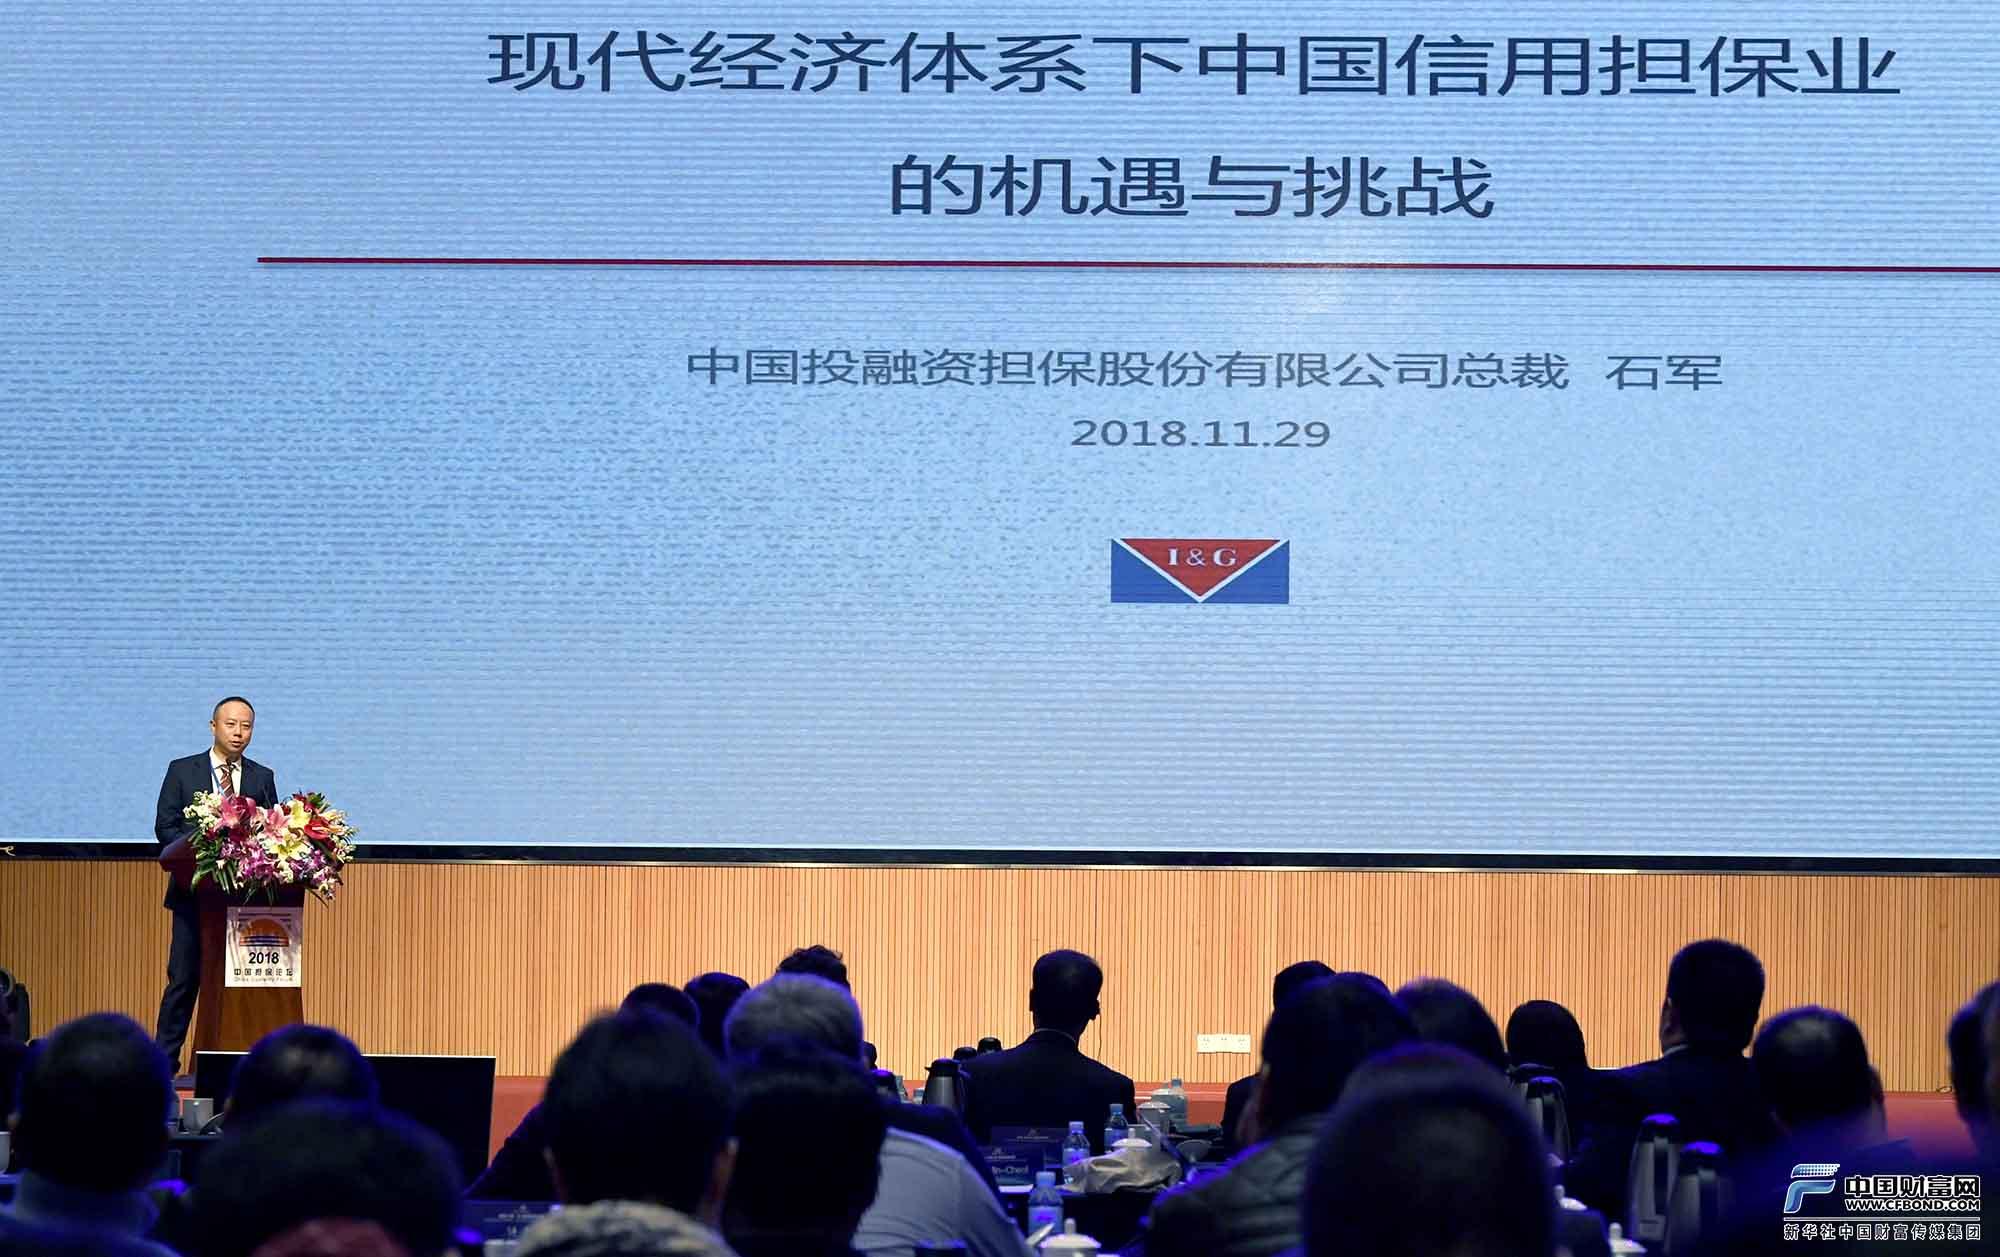 石军:加强企业发展与社会责任融合